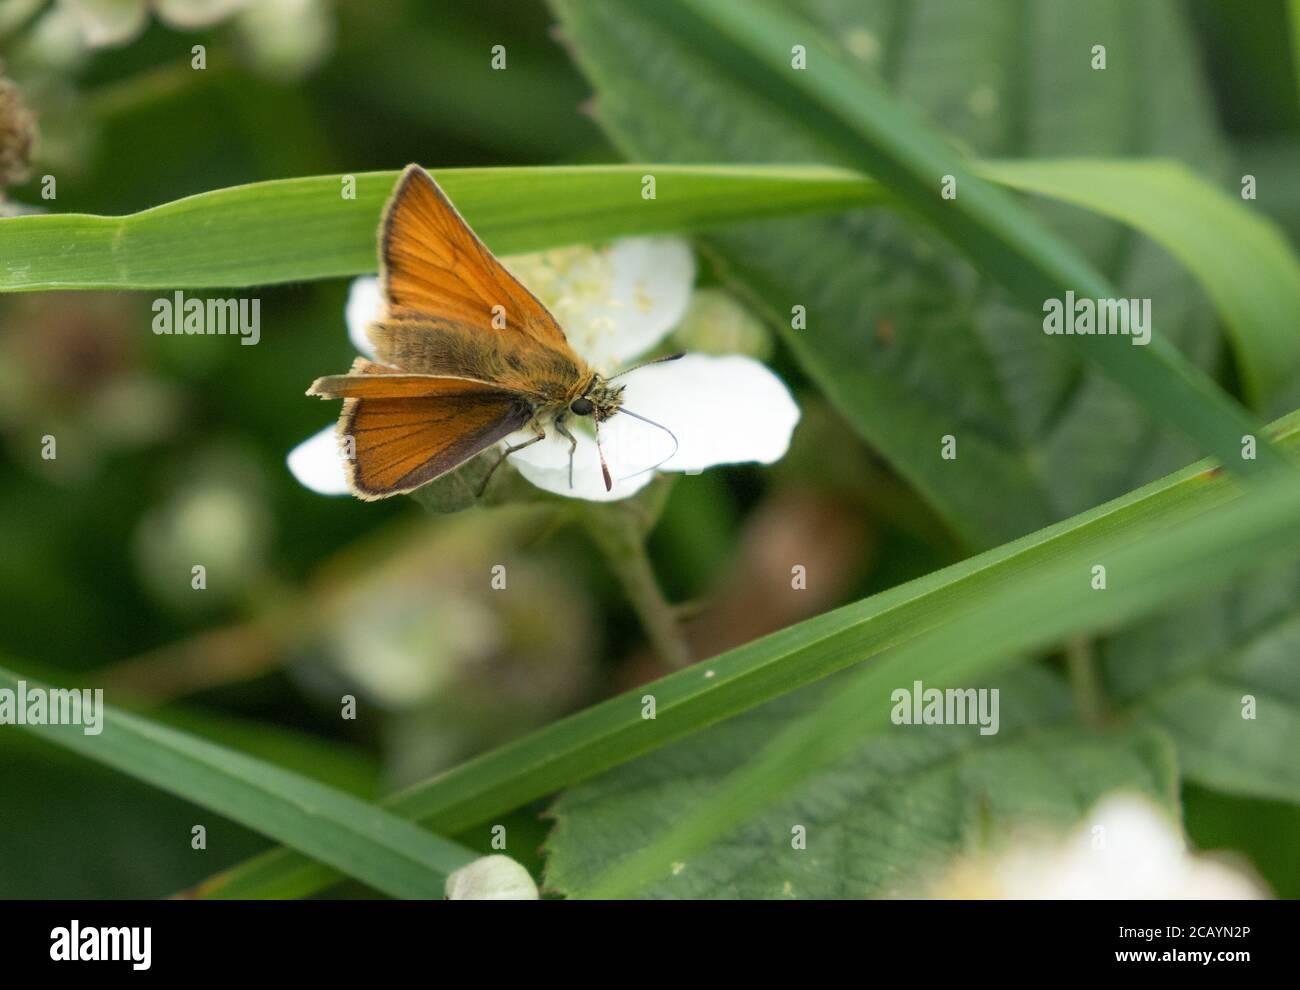 Una pequeña mariposa patrón (Reino Unido) que se alimenta de la flor de la zarza. Foto de stock